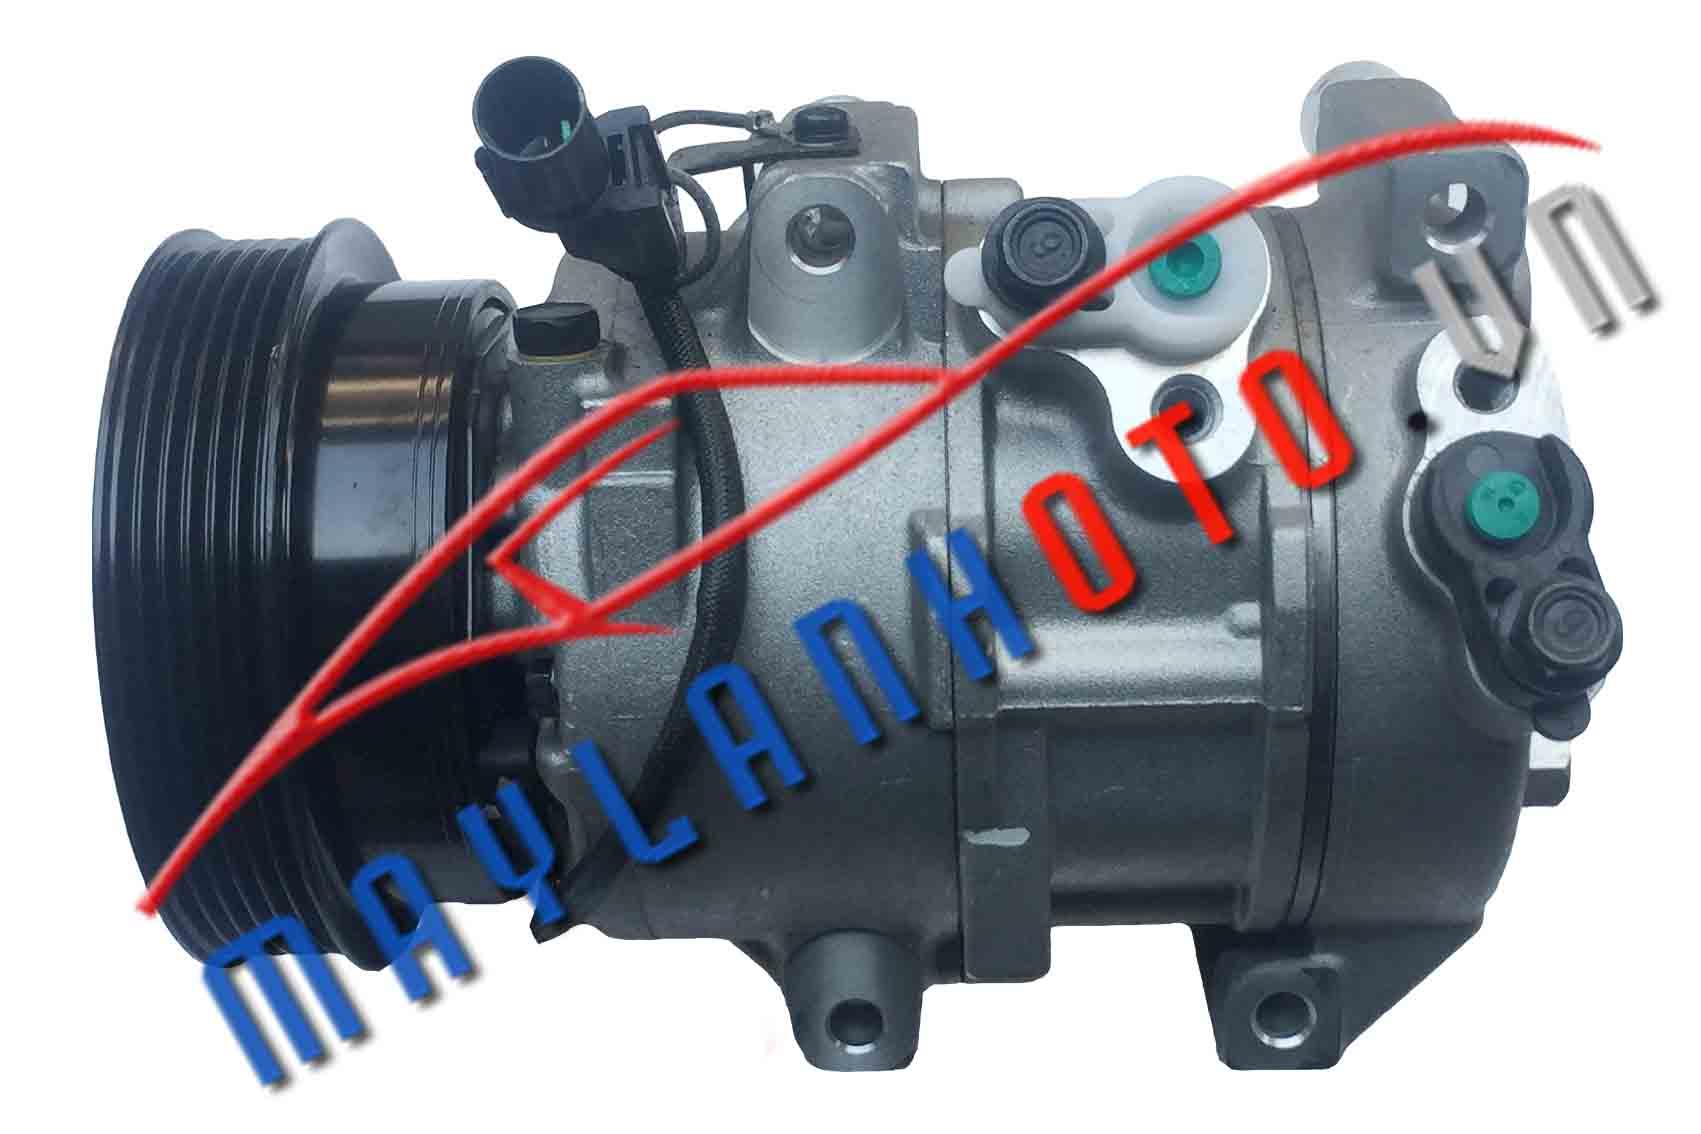 Carens máy dầu  / Máy nén khí điều hòa Kia Carens máy dầu/ Lốc lạnh điều hòa Kia Carens máy dầu